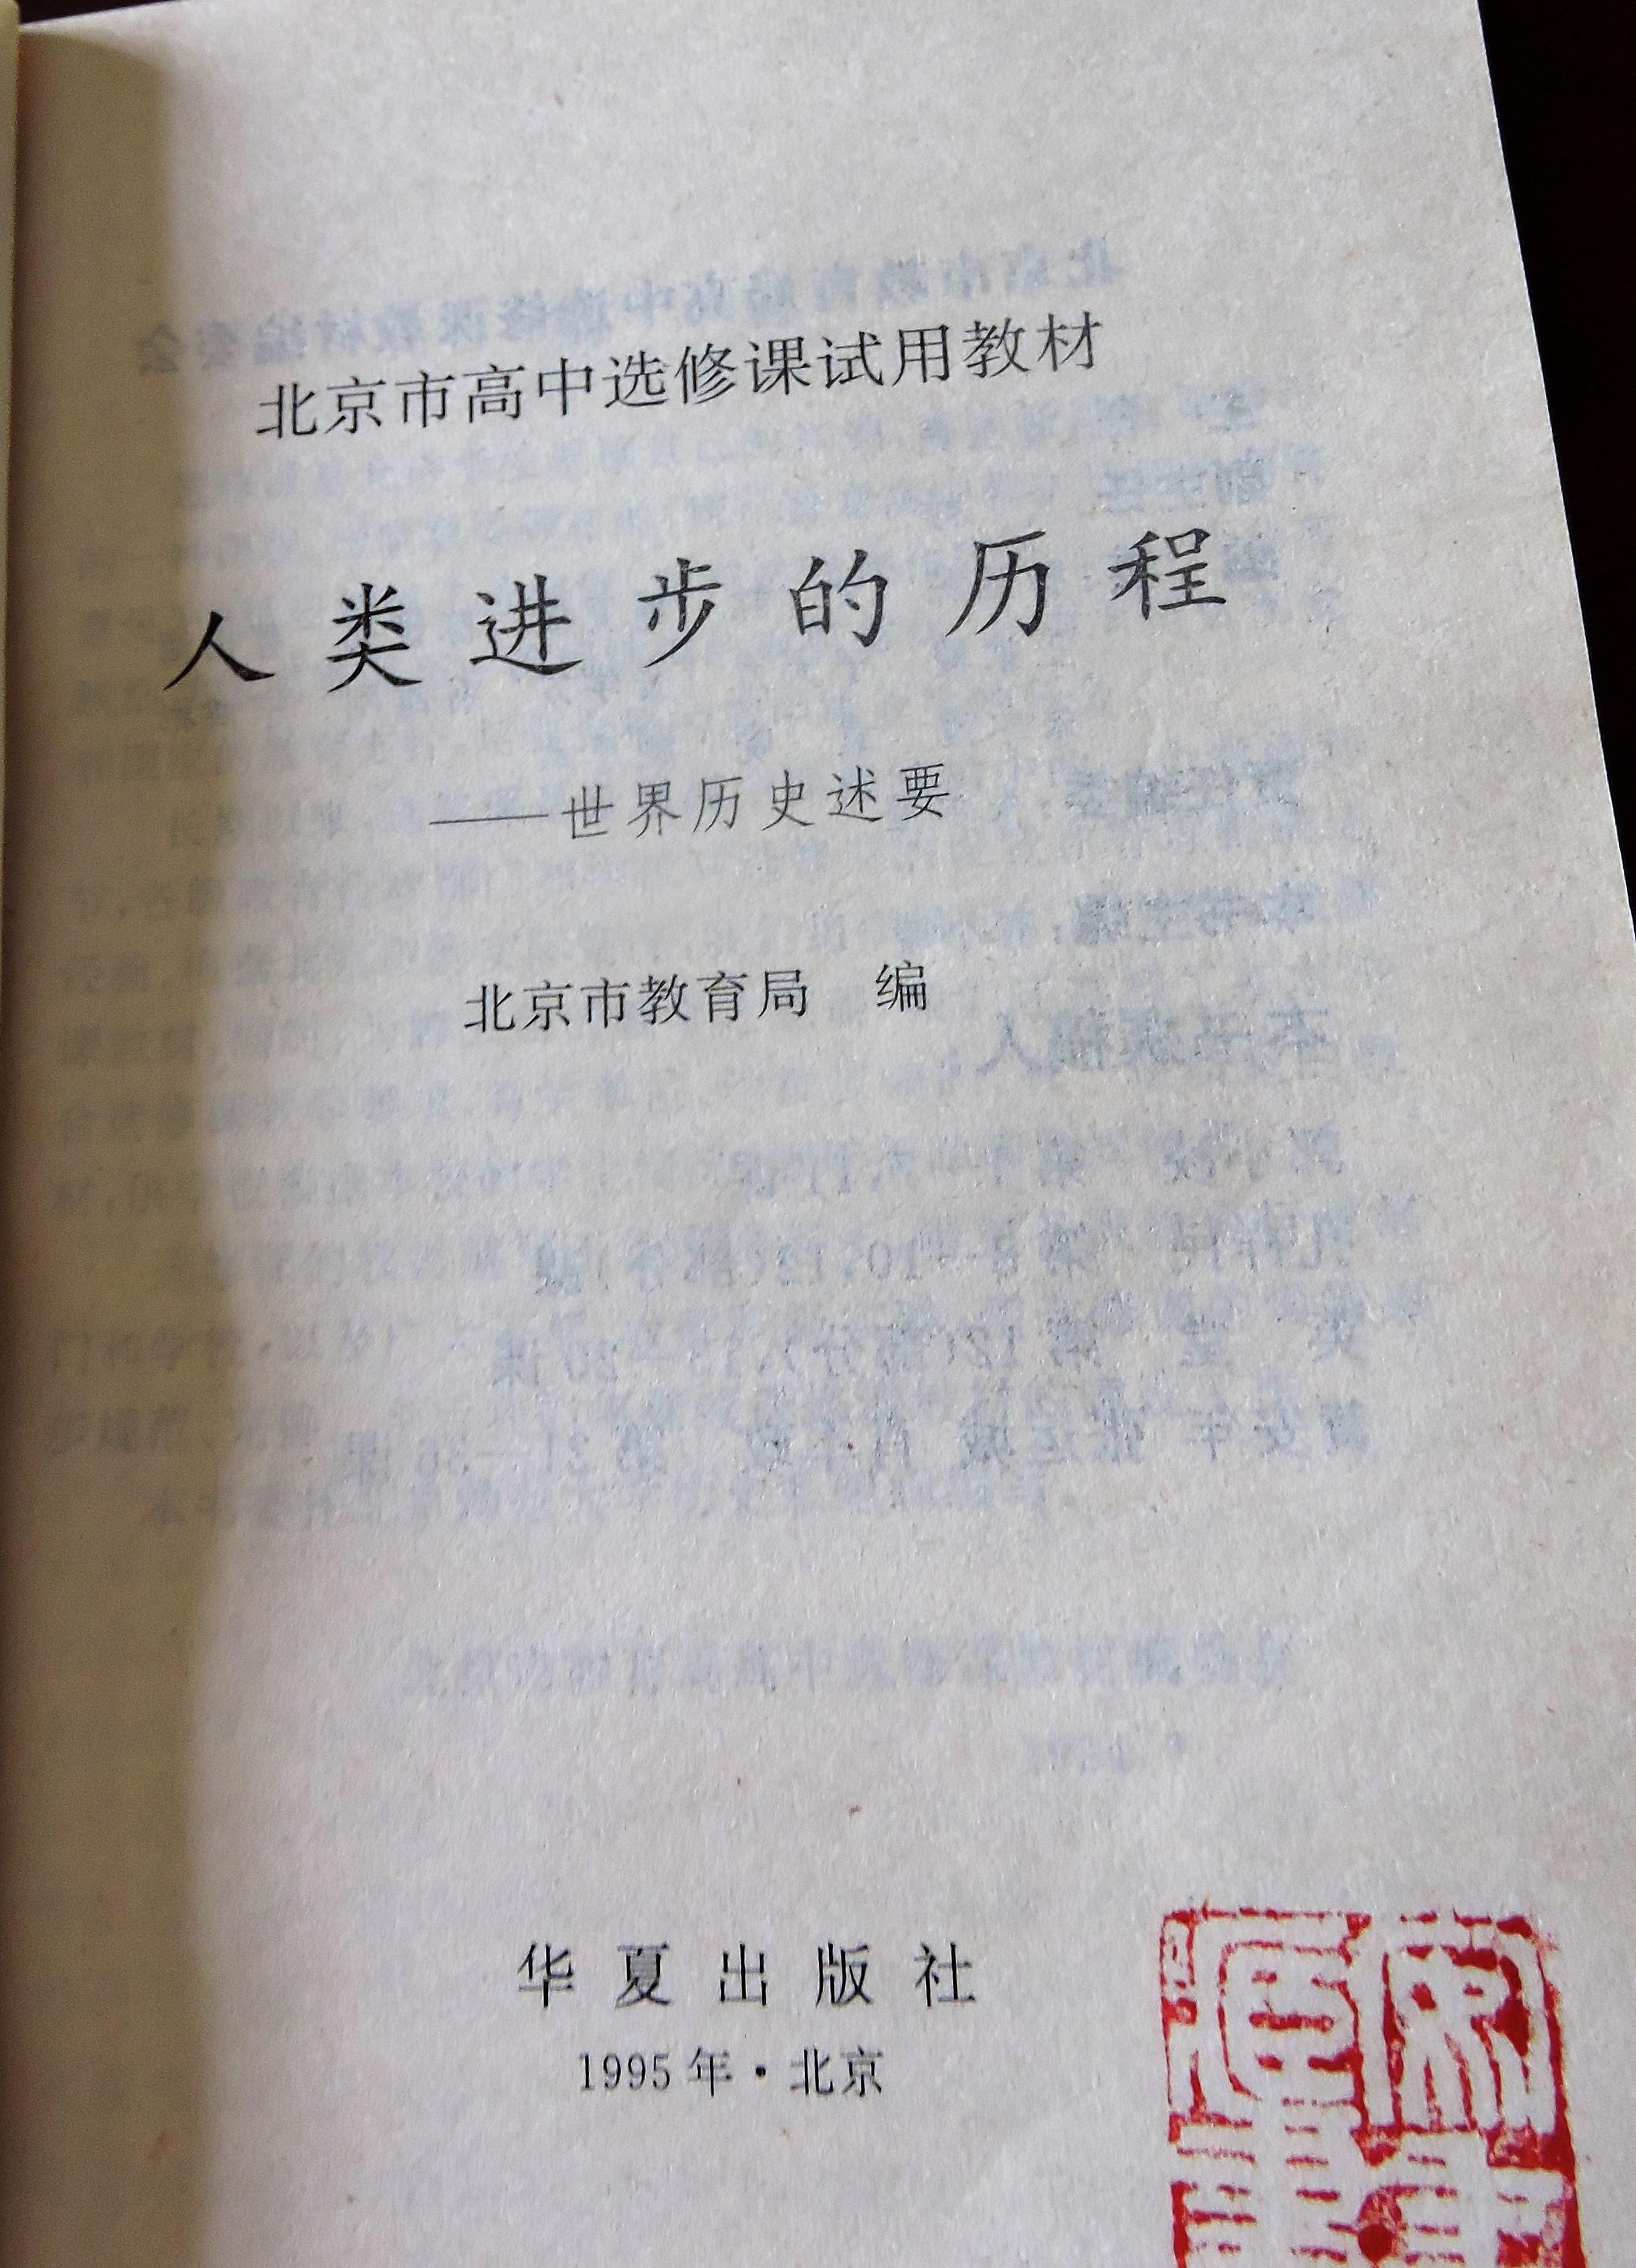 3 DSCN8102.jpg